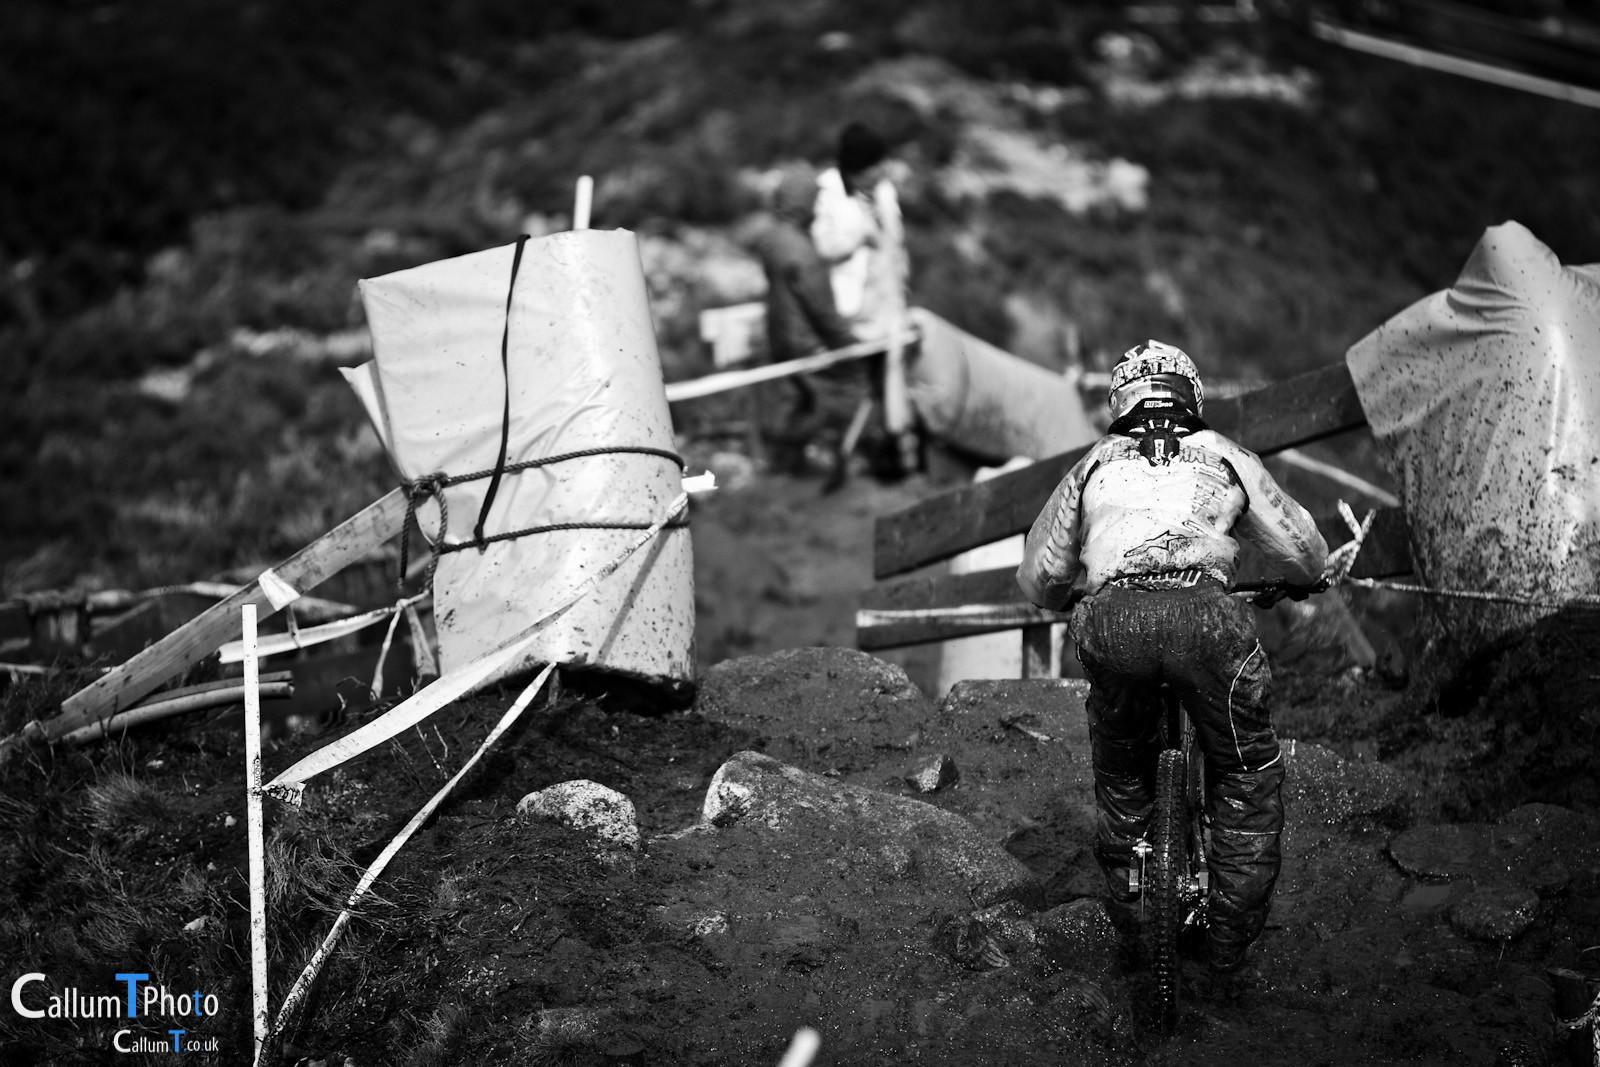 Matti Lehikoinen - Callum-T - Mountain Biking Pictures - Vital MTB